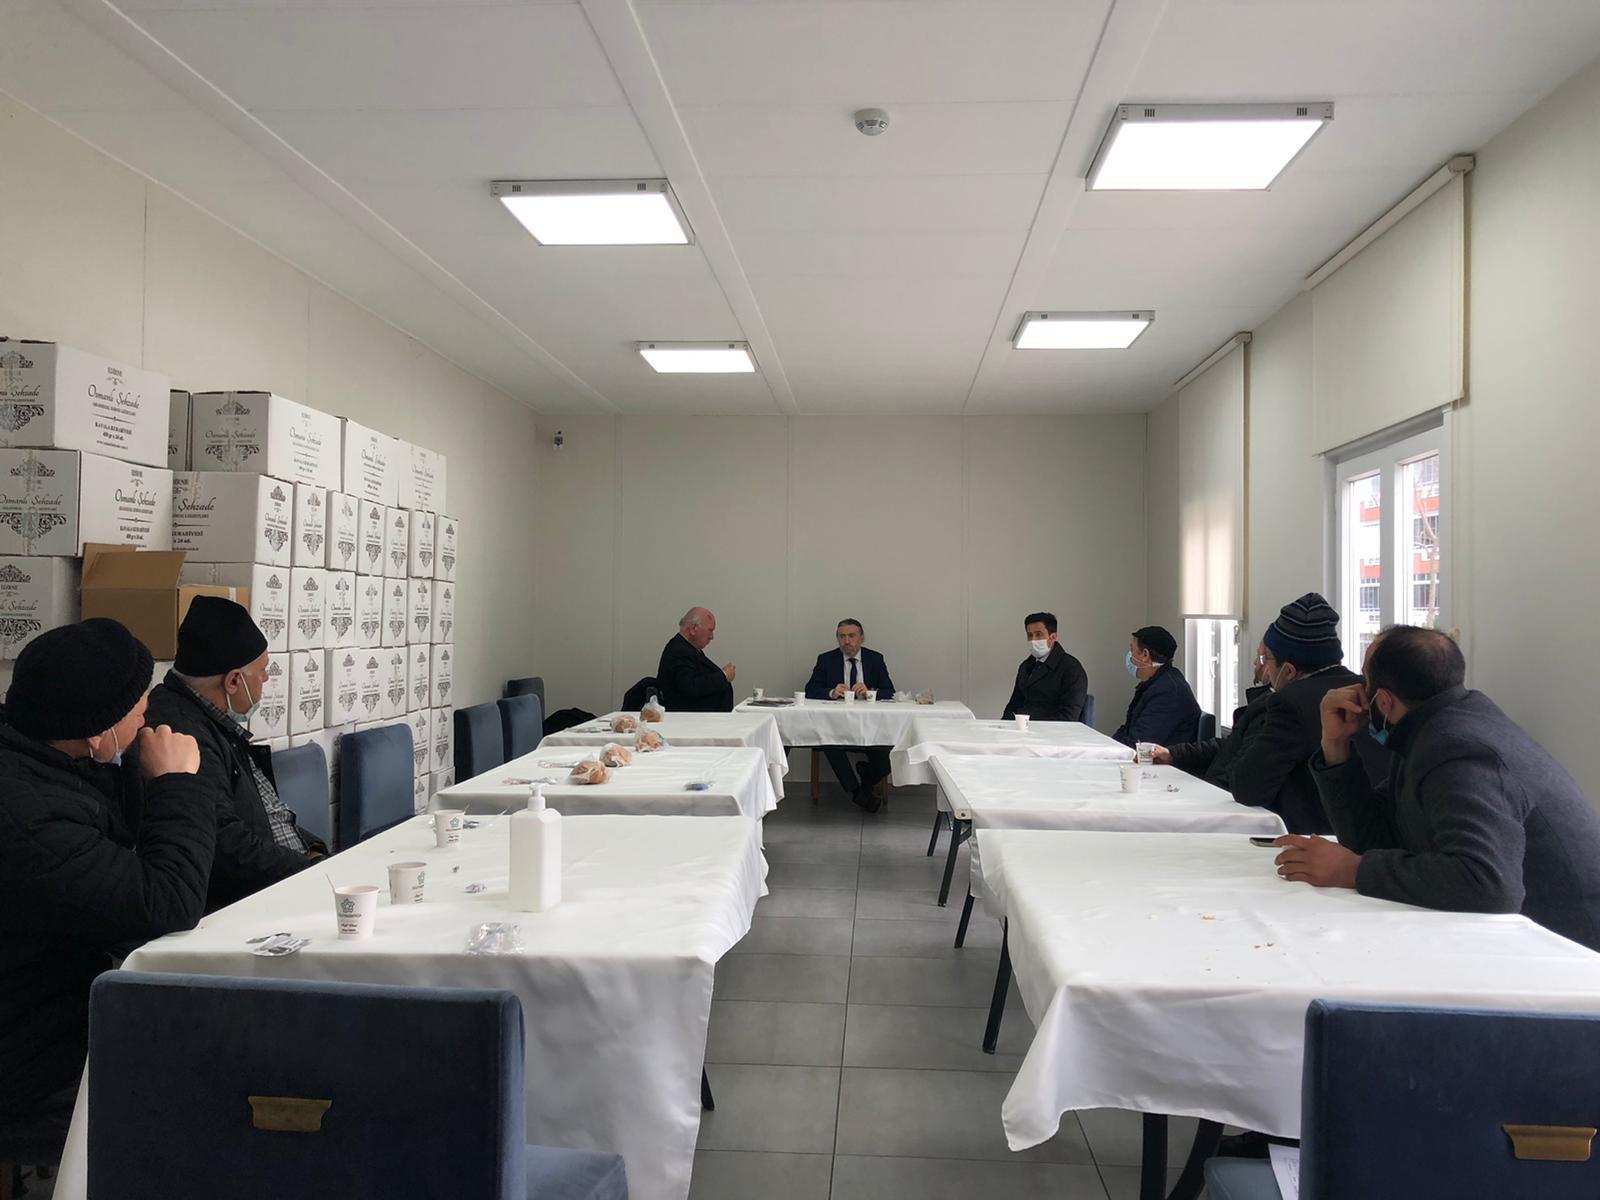 Din görevlileri ile bilgilendirme kahvaltıları sürüyor